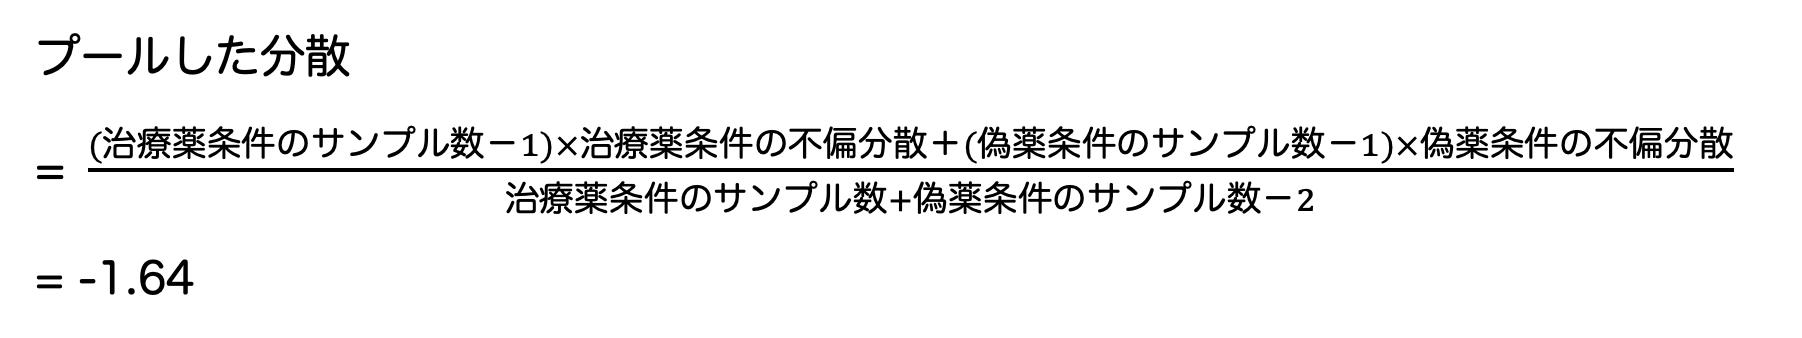 プールした分散とは 2 つの条件の不偏分散を 1 つにしたもの プールした分散の数式